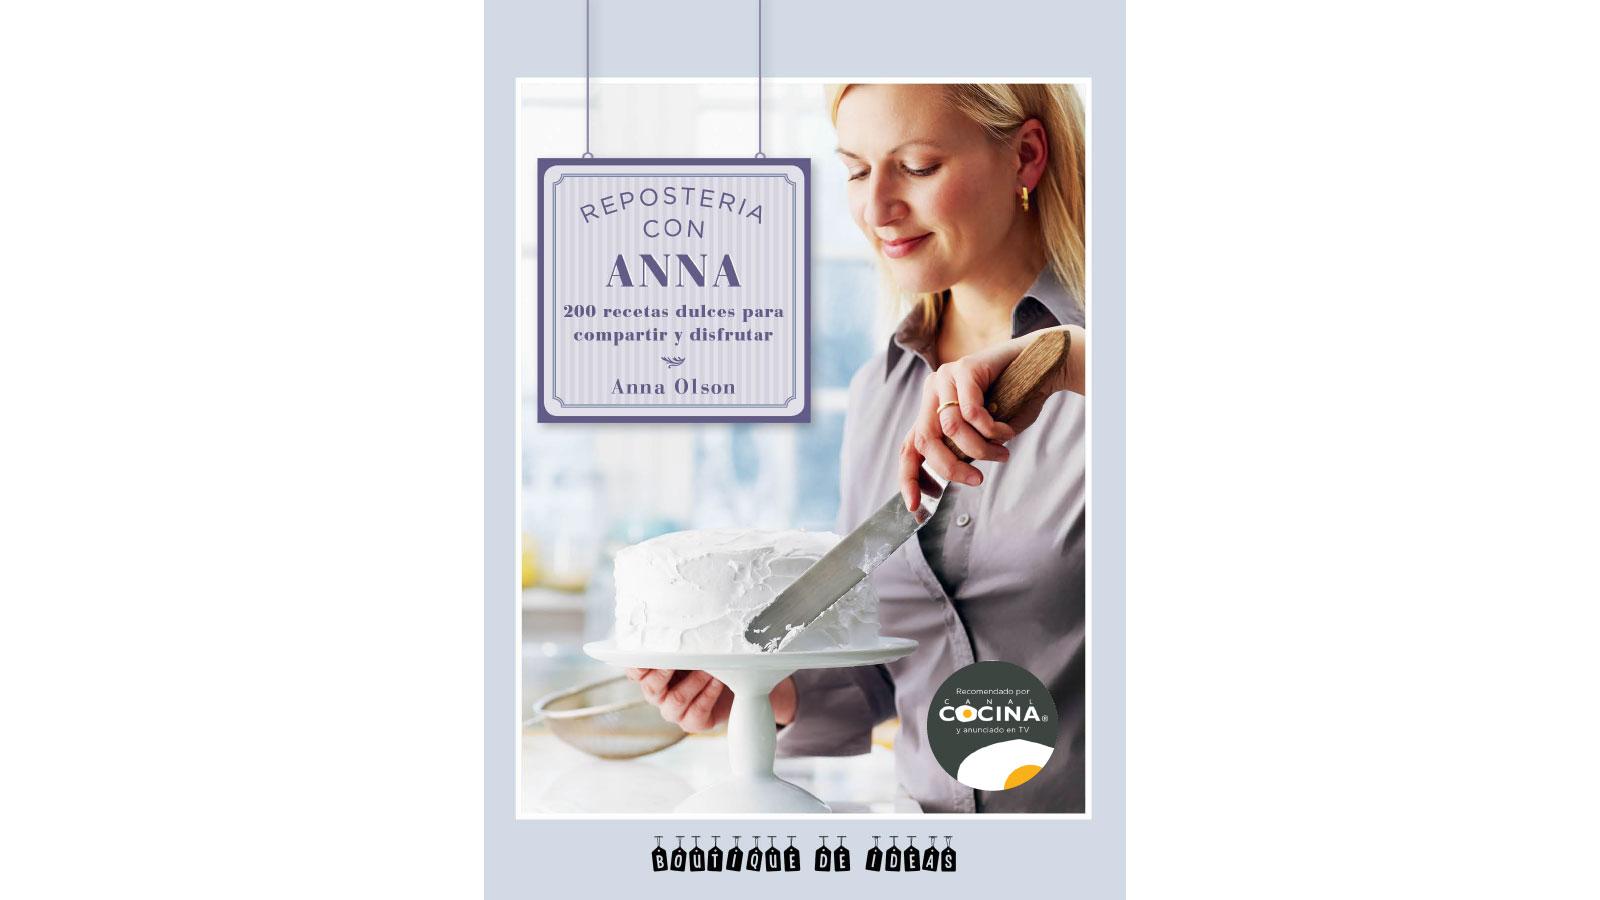 Anna olson y c a canal cocina - Cocina y cia ...